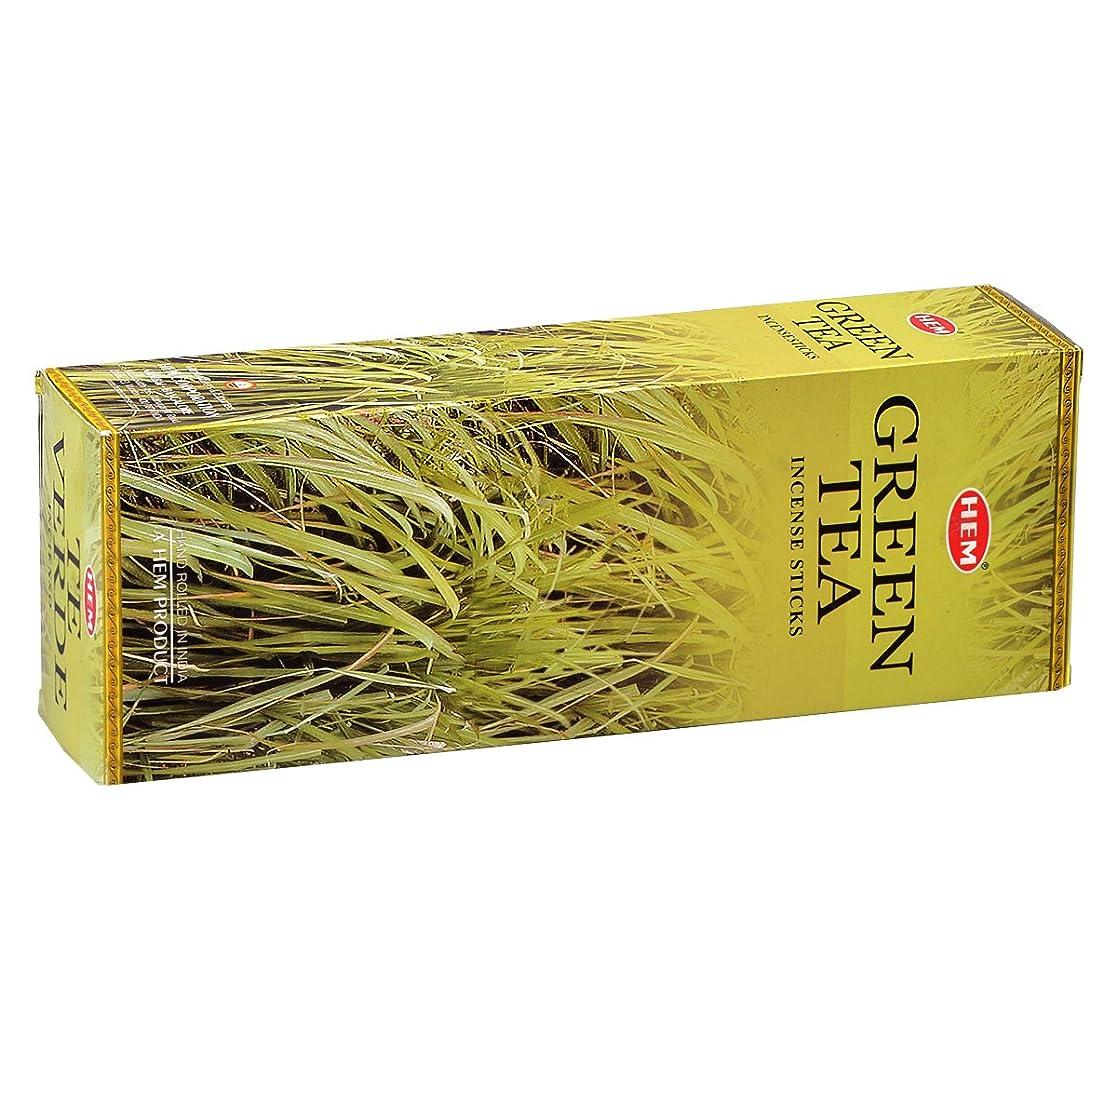 アラブペルー分析HEM(ヘム) グリーン ティー GREEN TEA スティックタイプ お香 6筒 セット [並行輸入品]